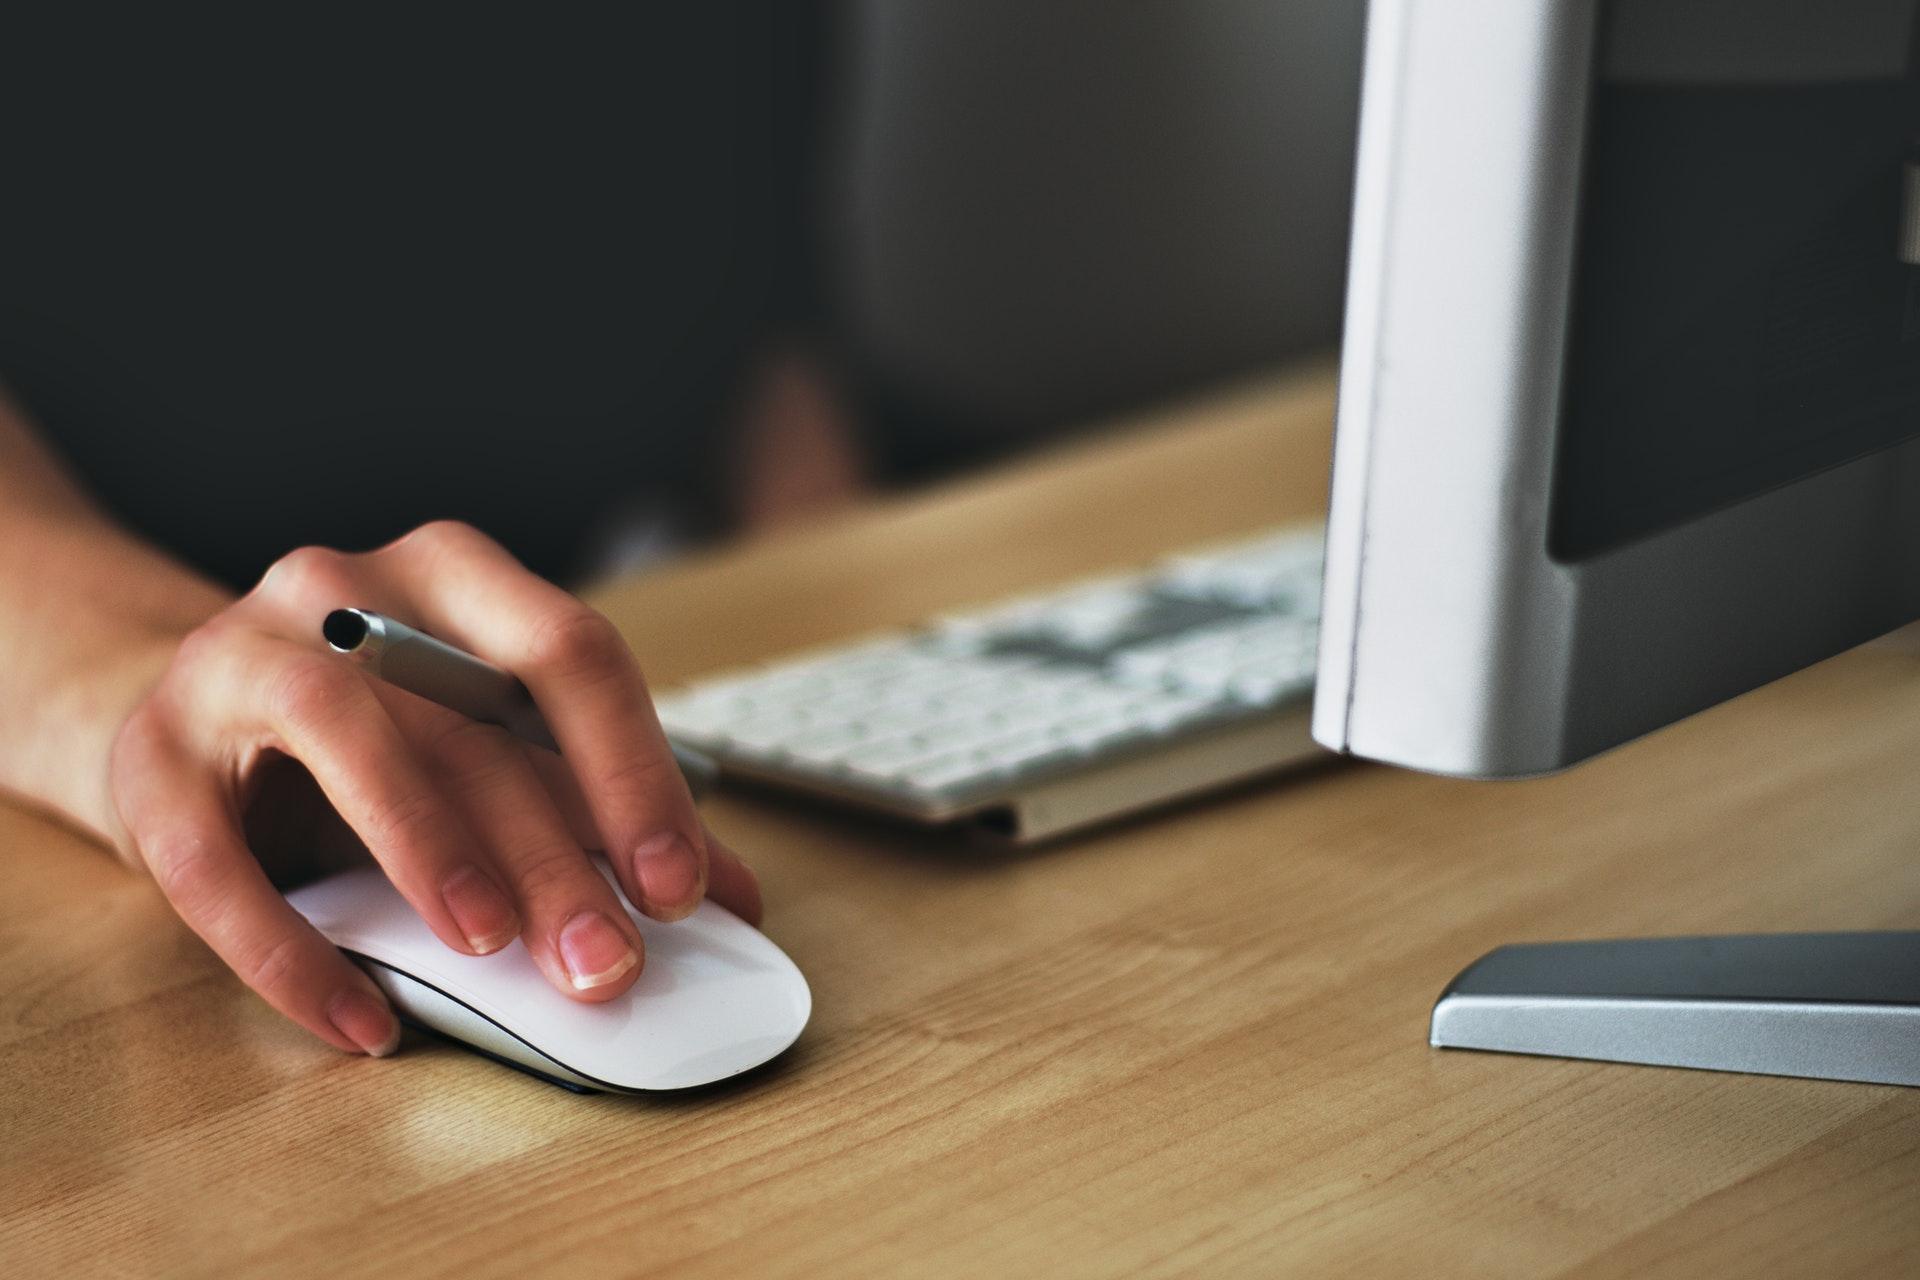 Analyse prédictive : l'outil pour anticiper le comportement client